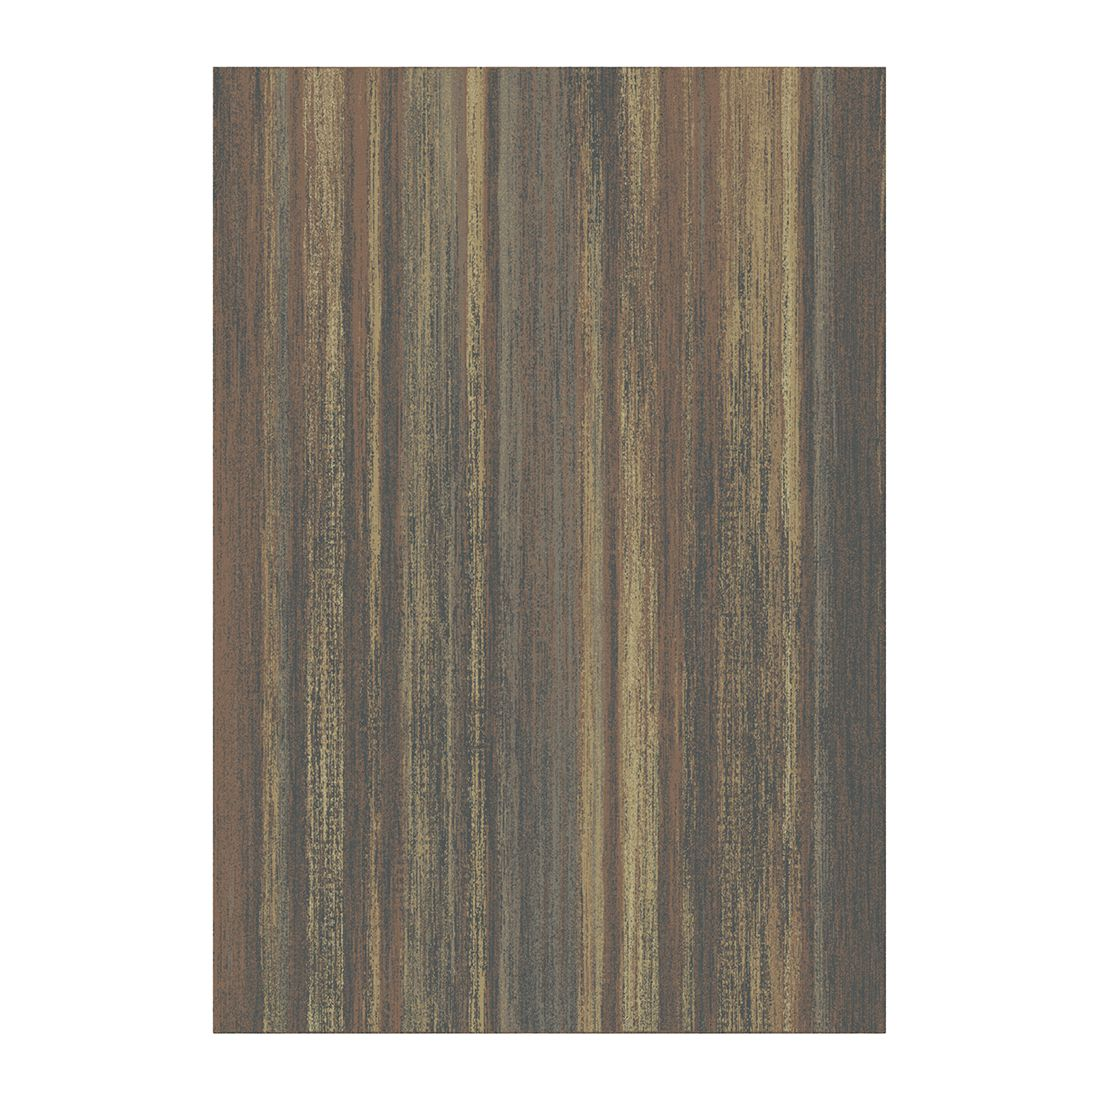 Teppich Sierra – Vintagelook Anthrazit – 161 x 232 cm, Safavieh jetzt kaufen